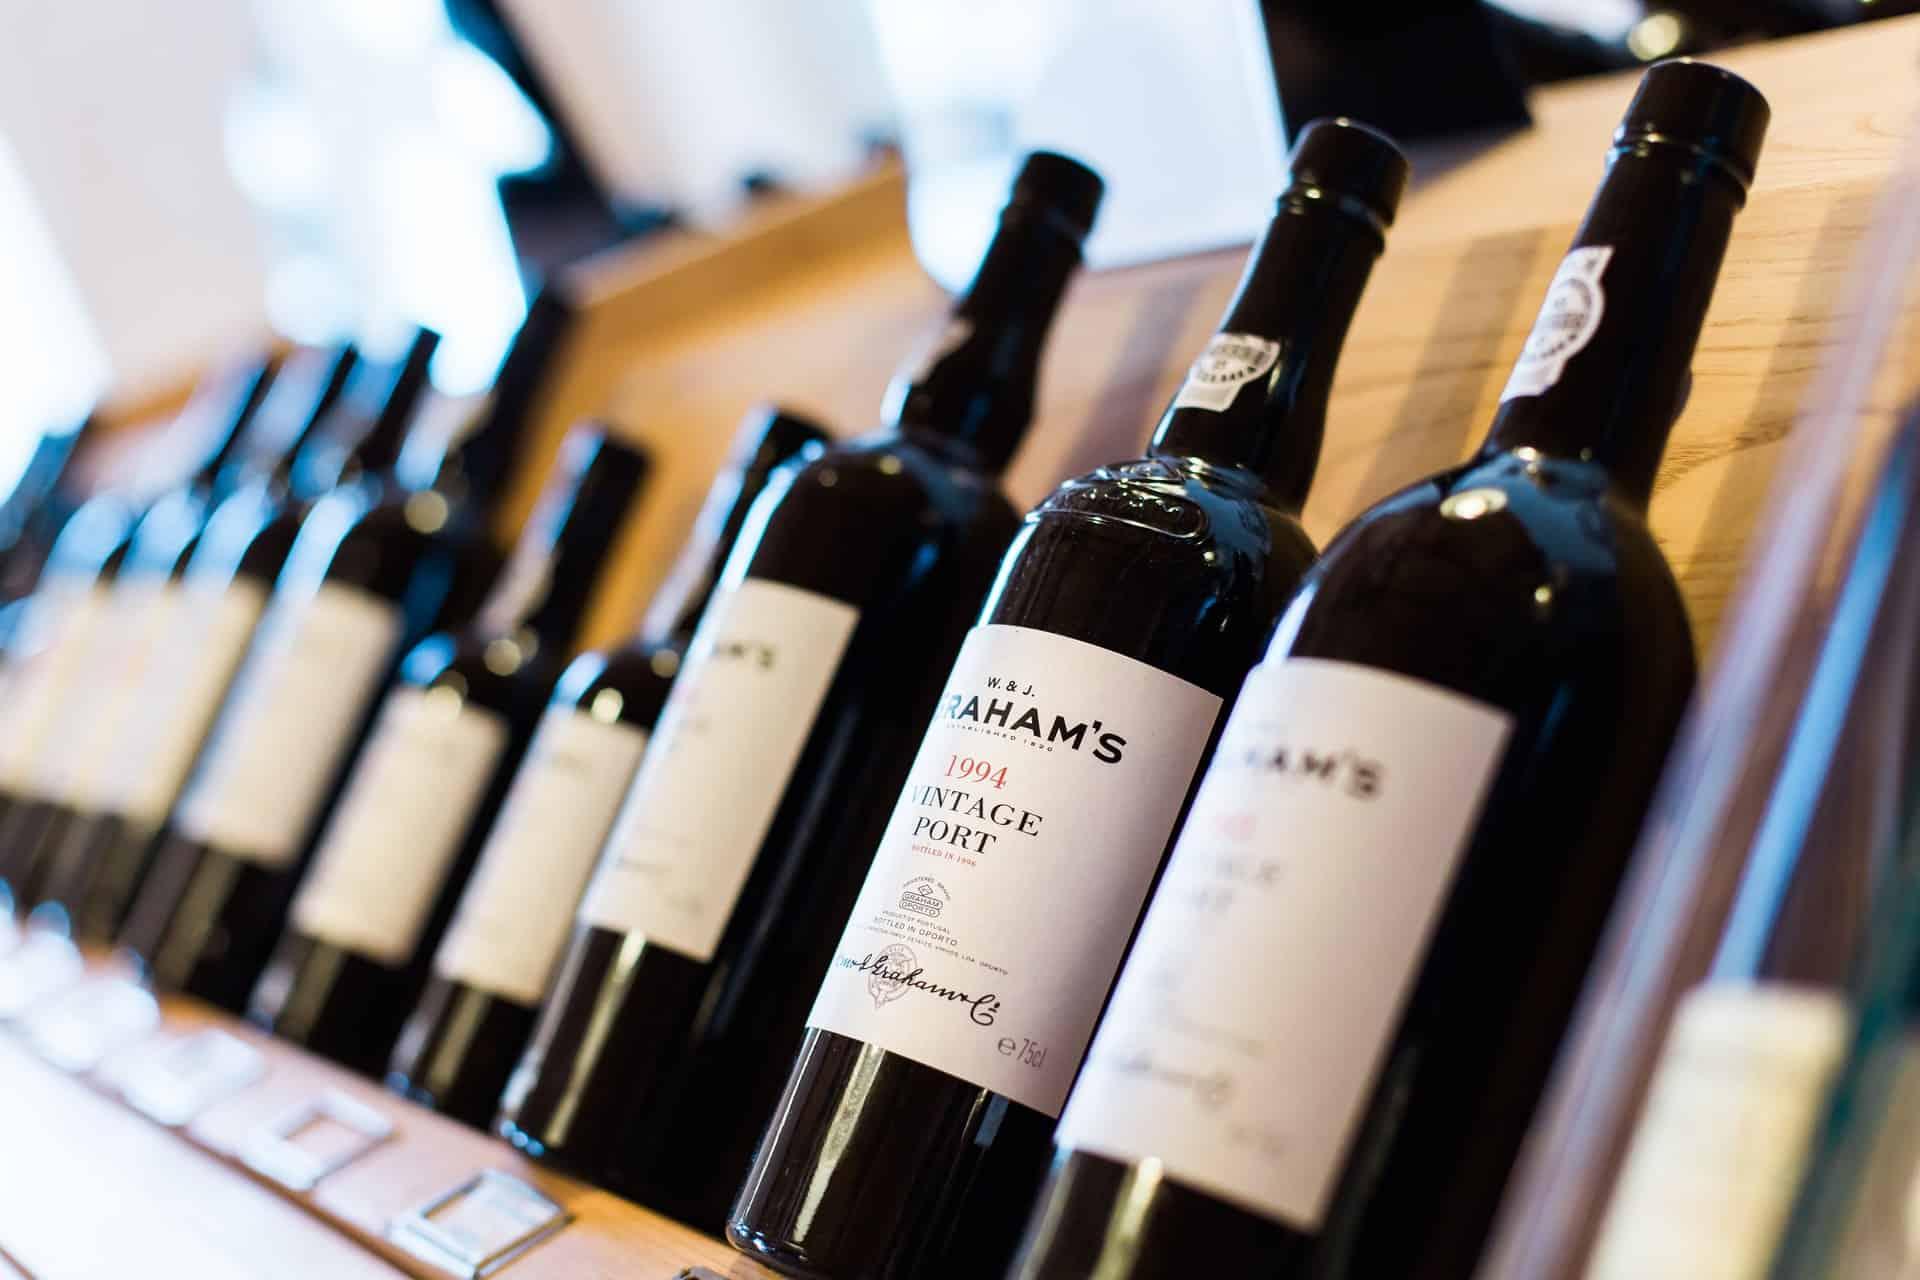 tarifs vins